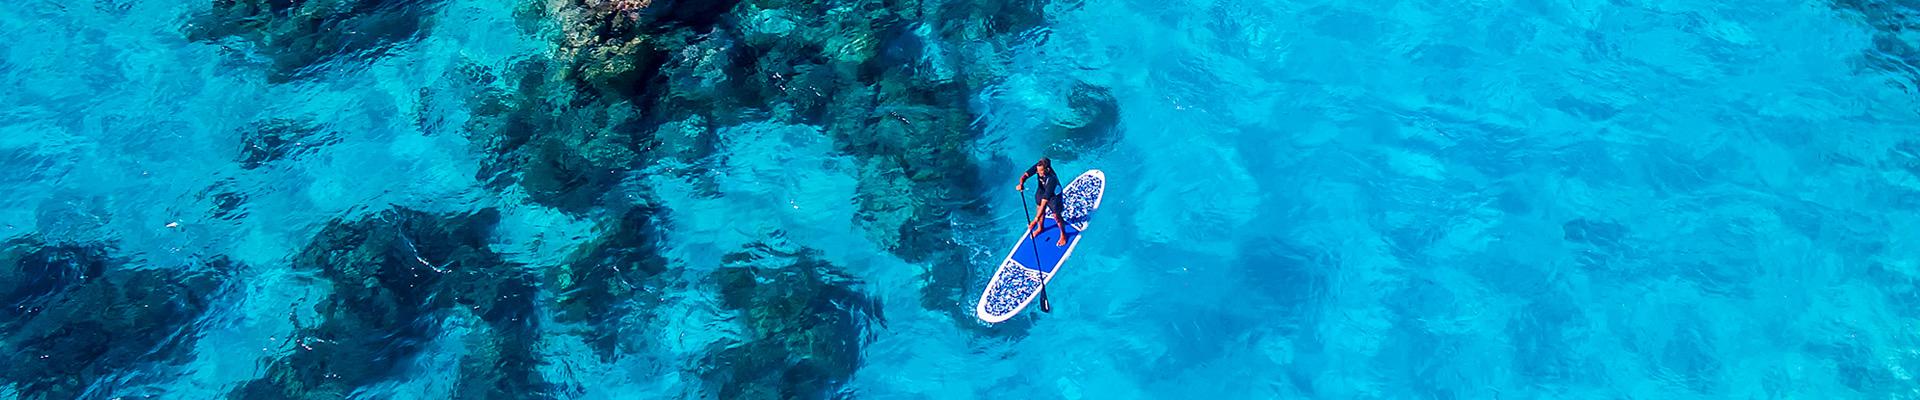 海岛旅游_大溪地_苏梅岛_巴拉望_库克群岛-海豚哆哆